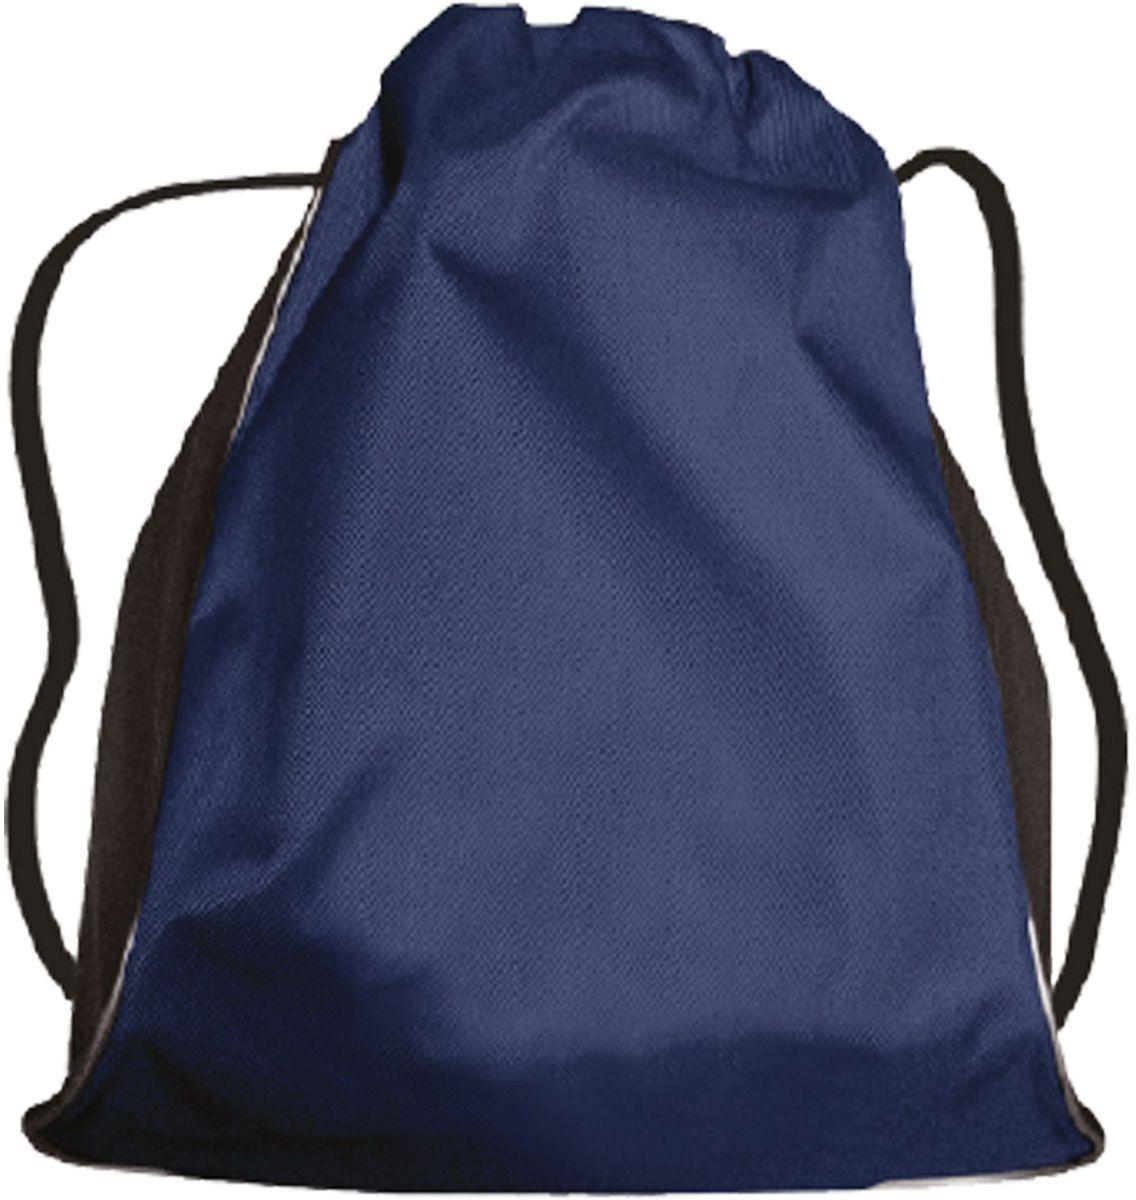 Brauberg Сумка для детской обуви 22550772523WDСумка для обуви предназначена для мальчиков младшей и средней школы. Она выполнена в темно-синем цвете, из водонепроницаемого материала повышенной плотности. Увеличенный объем сумки позволяет носить в ней зимнюю обувь.•Затягивается шнурком. •Водоотталкивающая ткань. •Увеличенный объем. •Размер: 34х44 см.